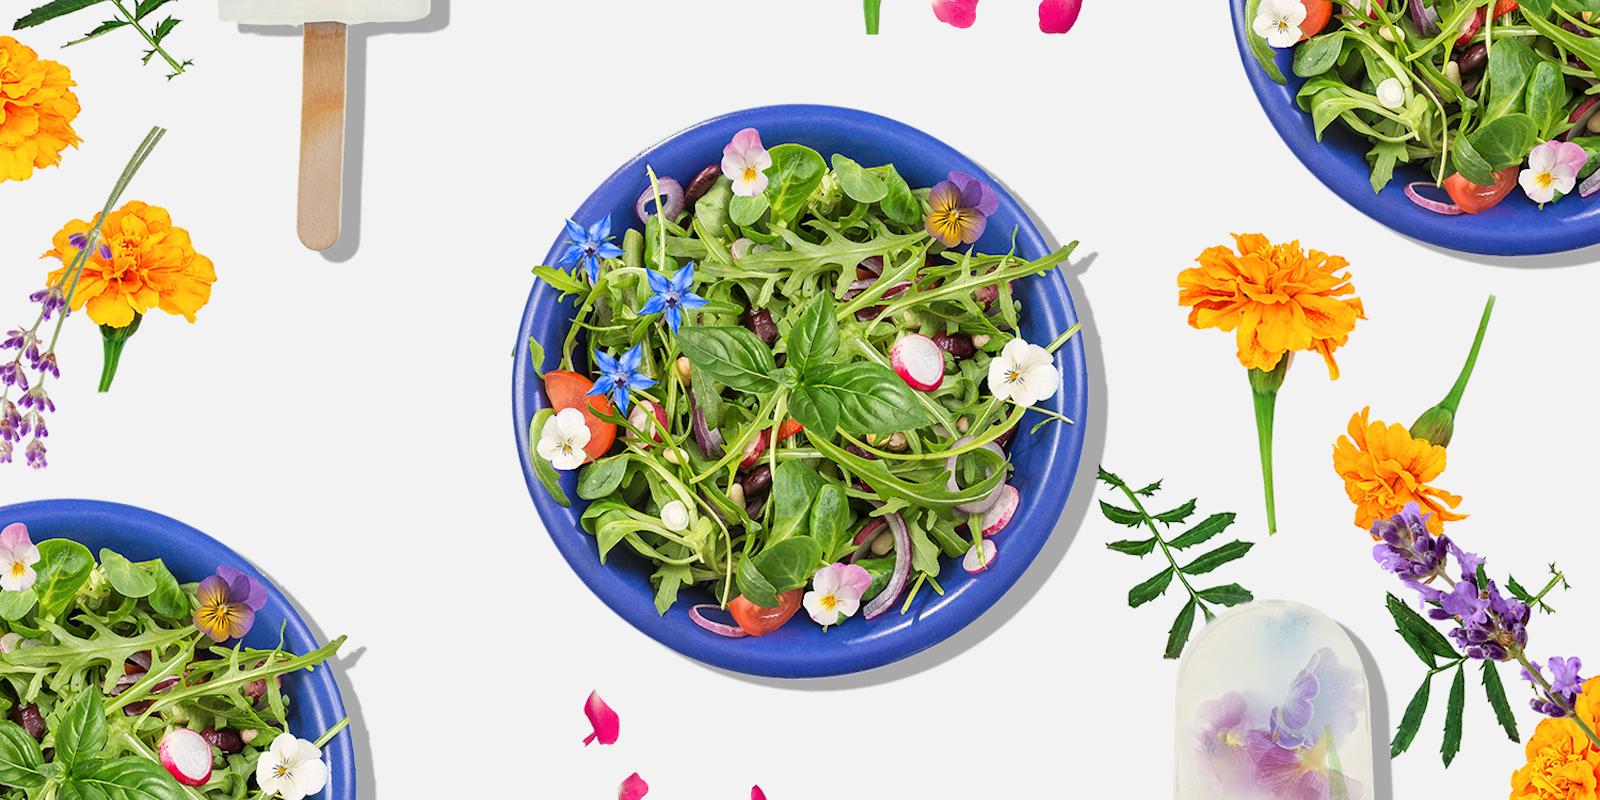 Mettez-y de la couleur, mettez-y de la saveur, mettez-y des fleurs!